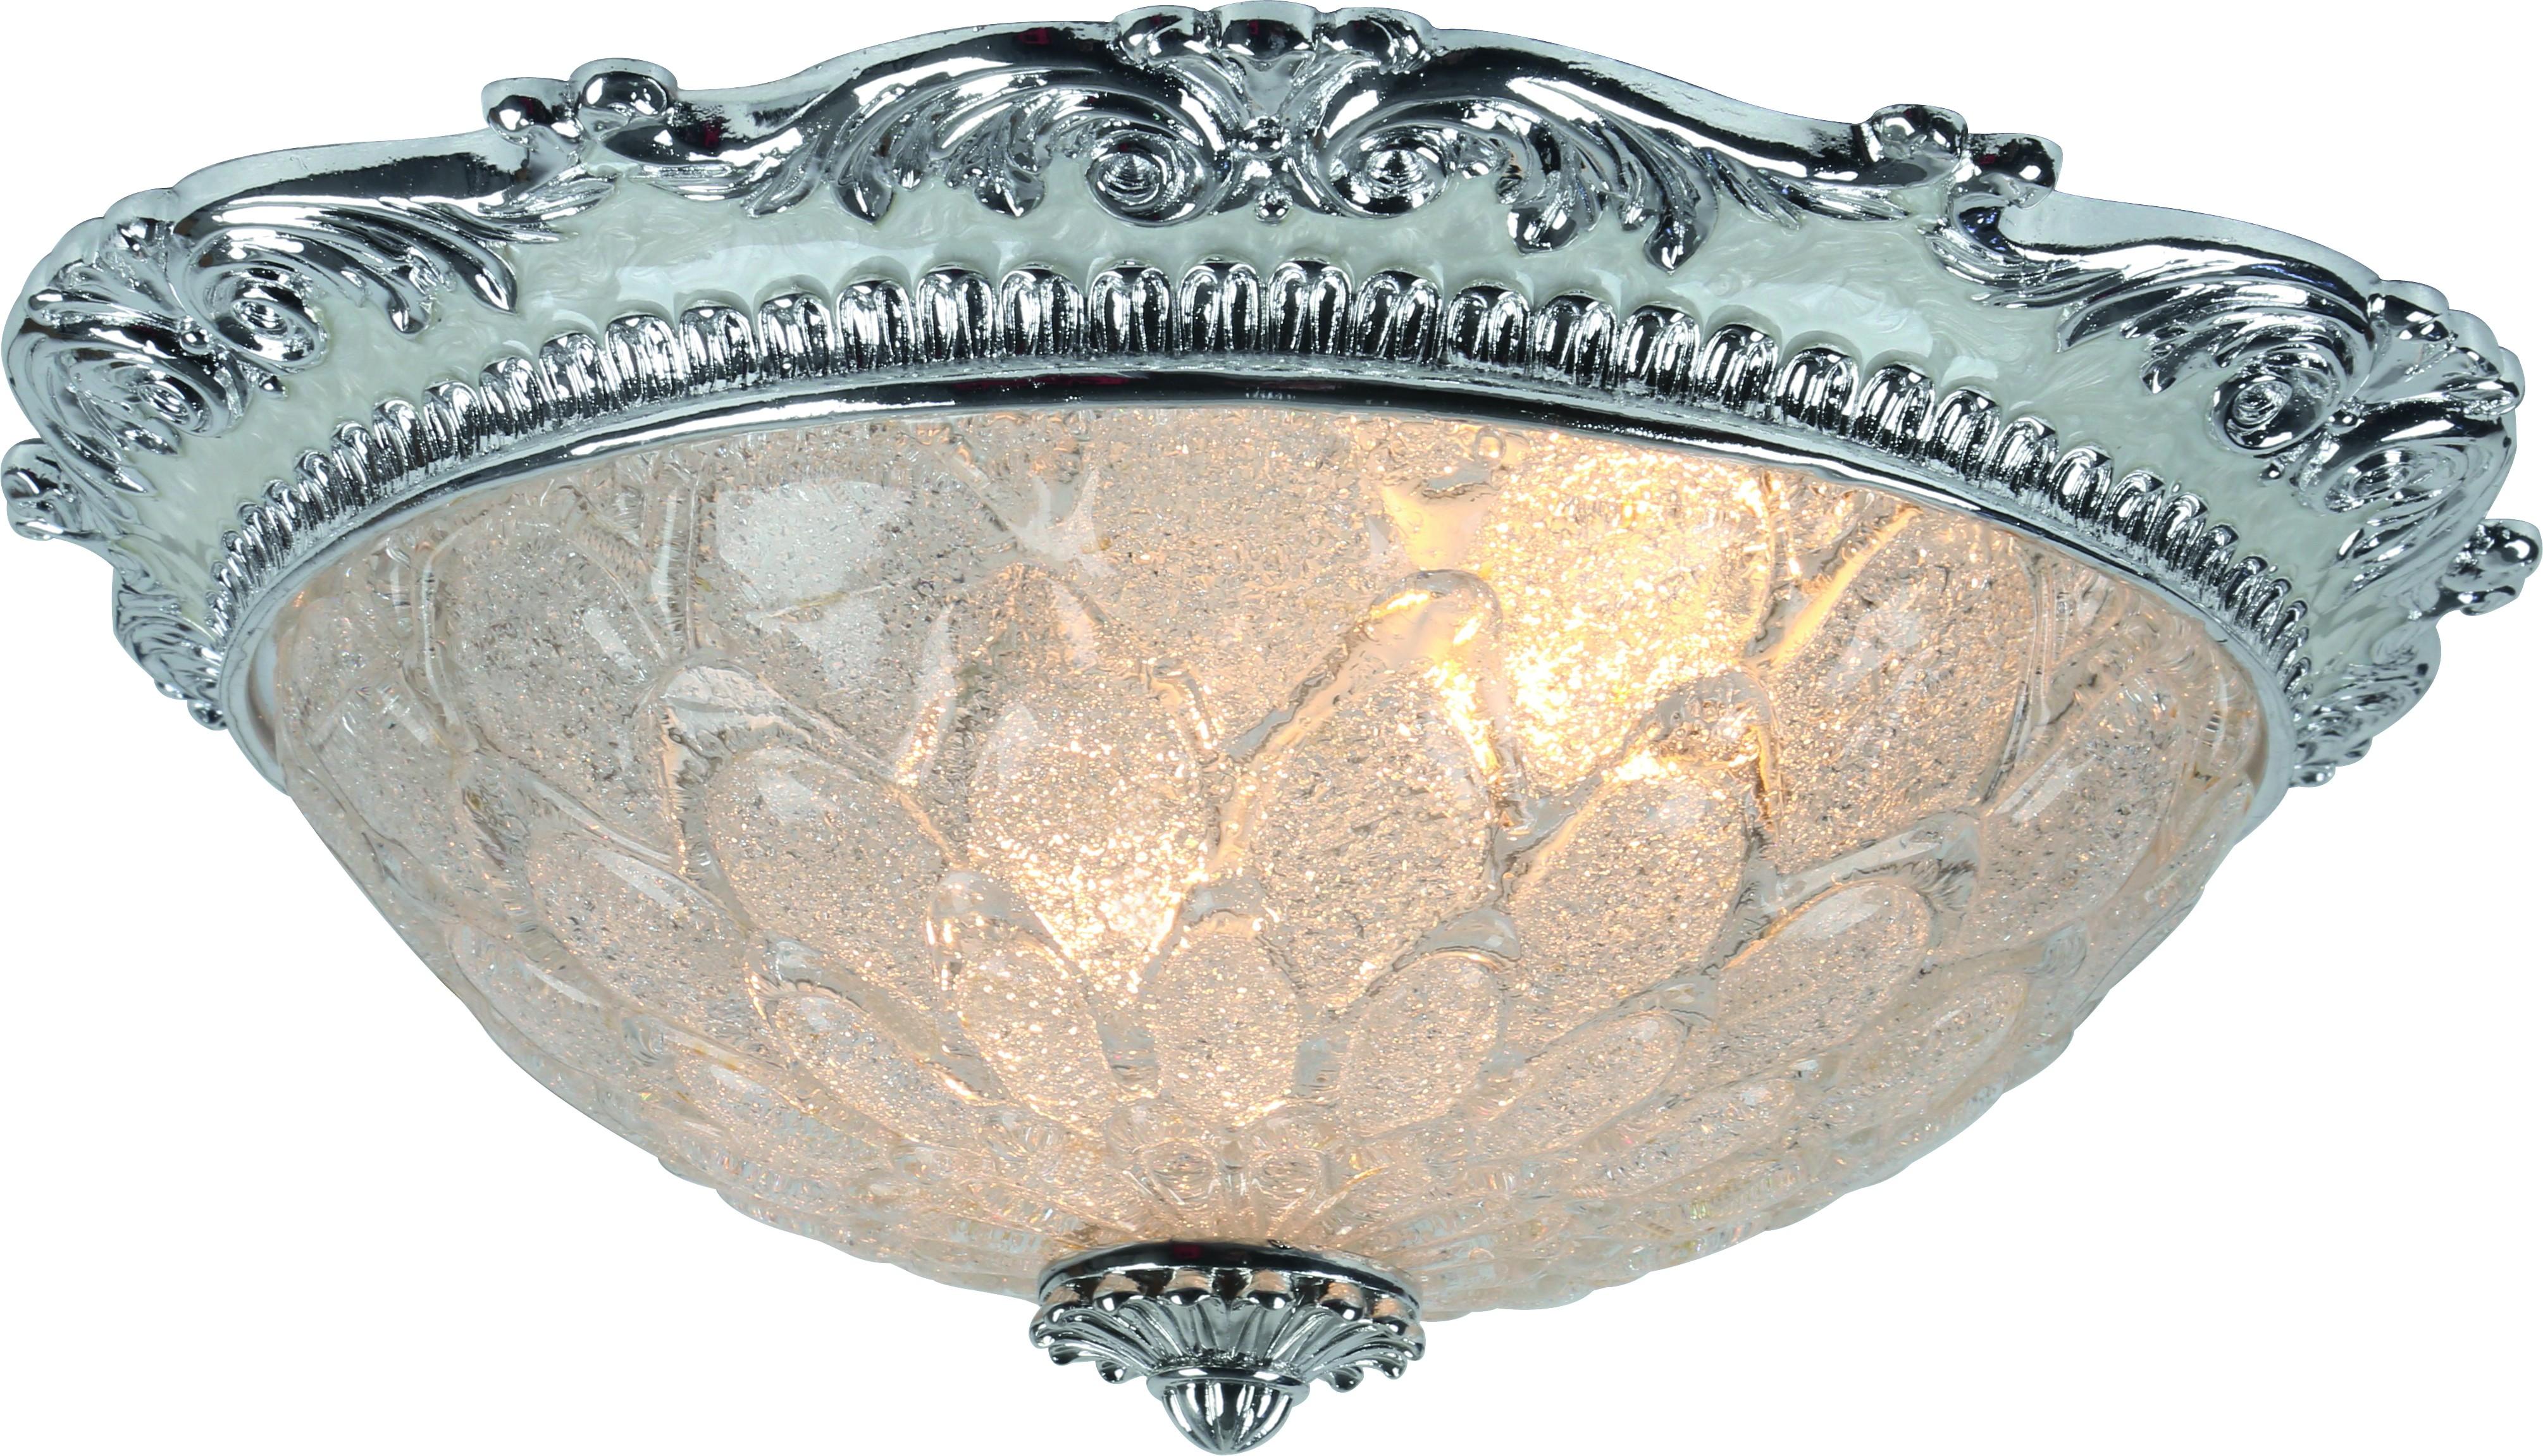 Светильник настенно-потолочный Arte lamp A7136pl-2wh